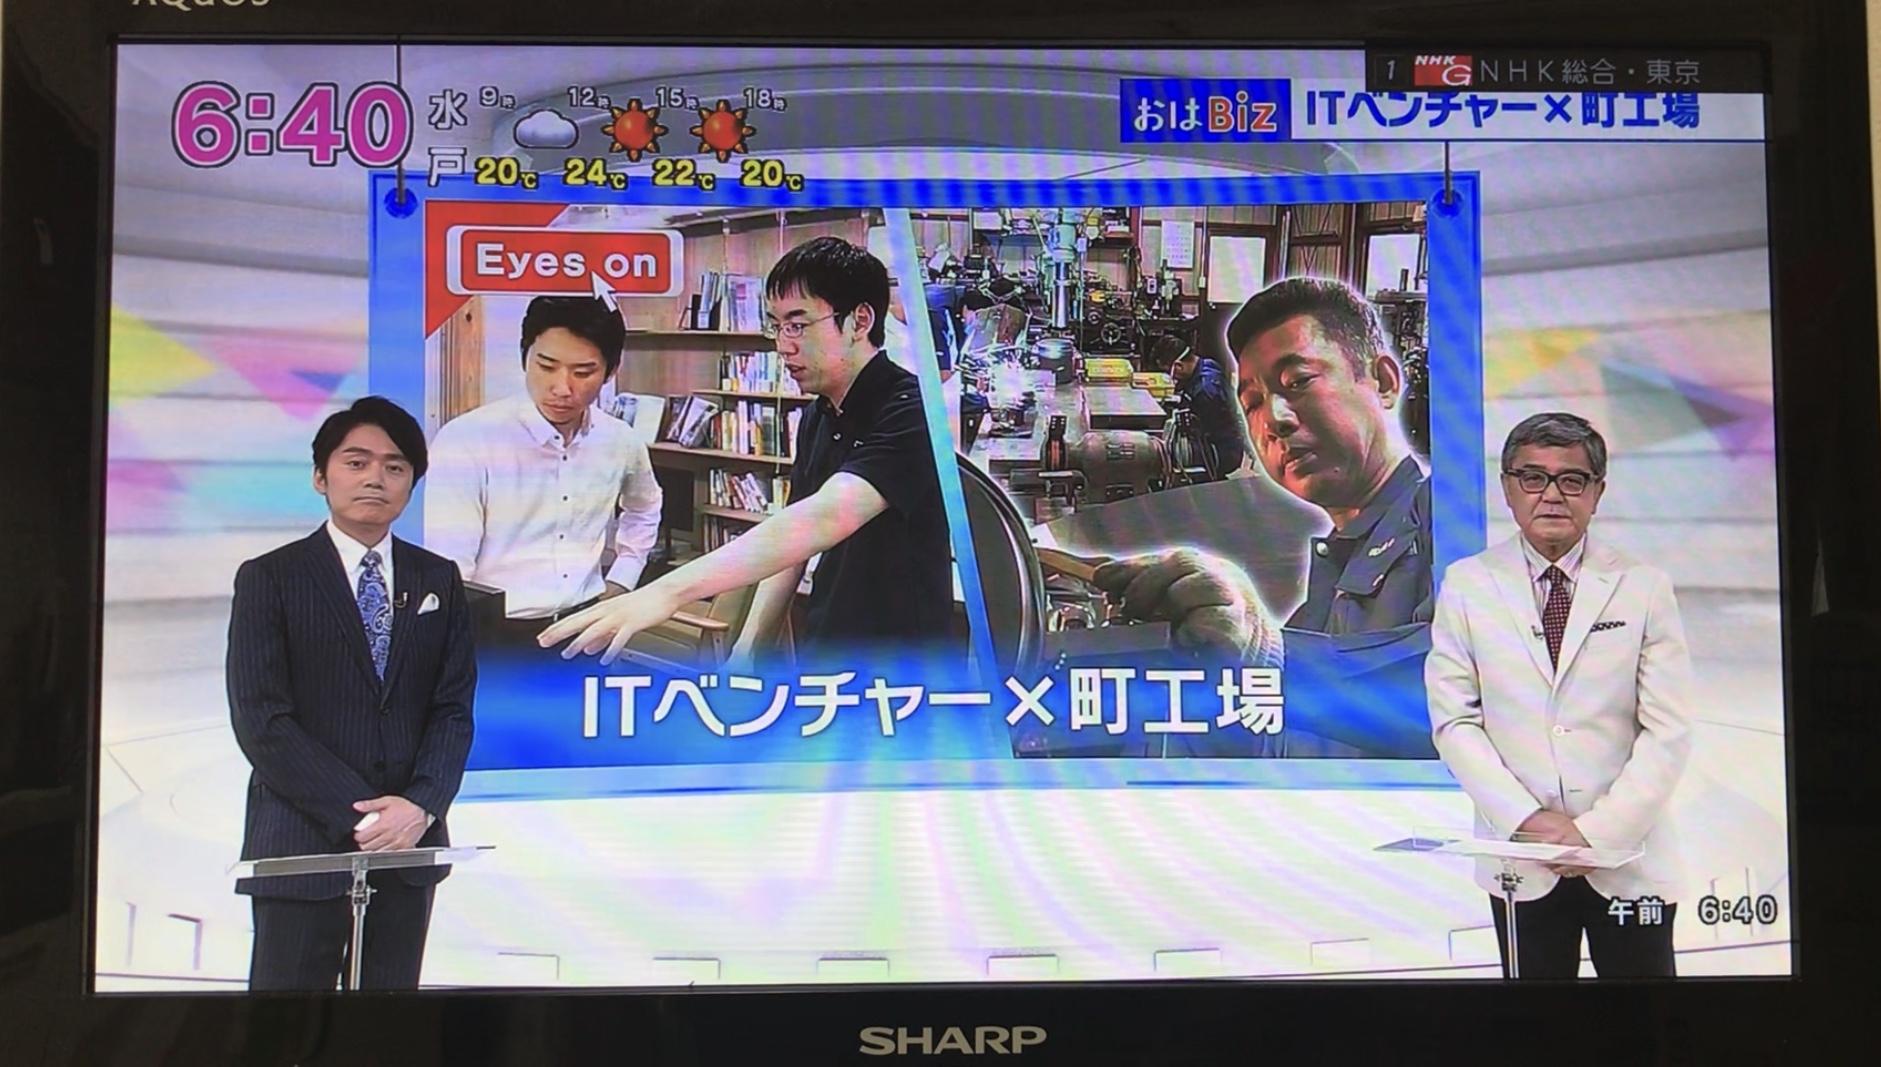 5/29 NHK「おはよう日本」で紹介されました | キャディ株式會社